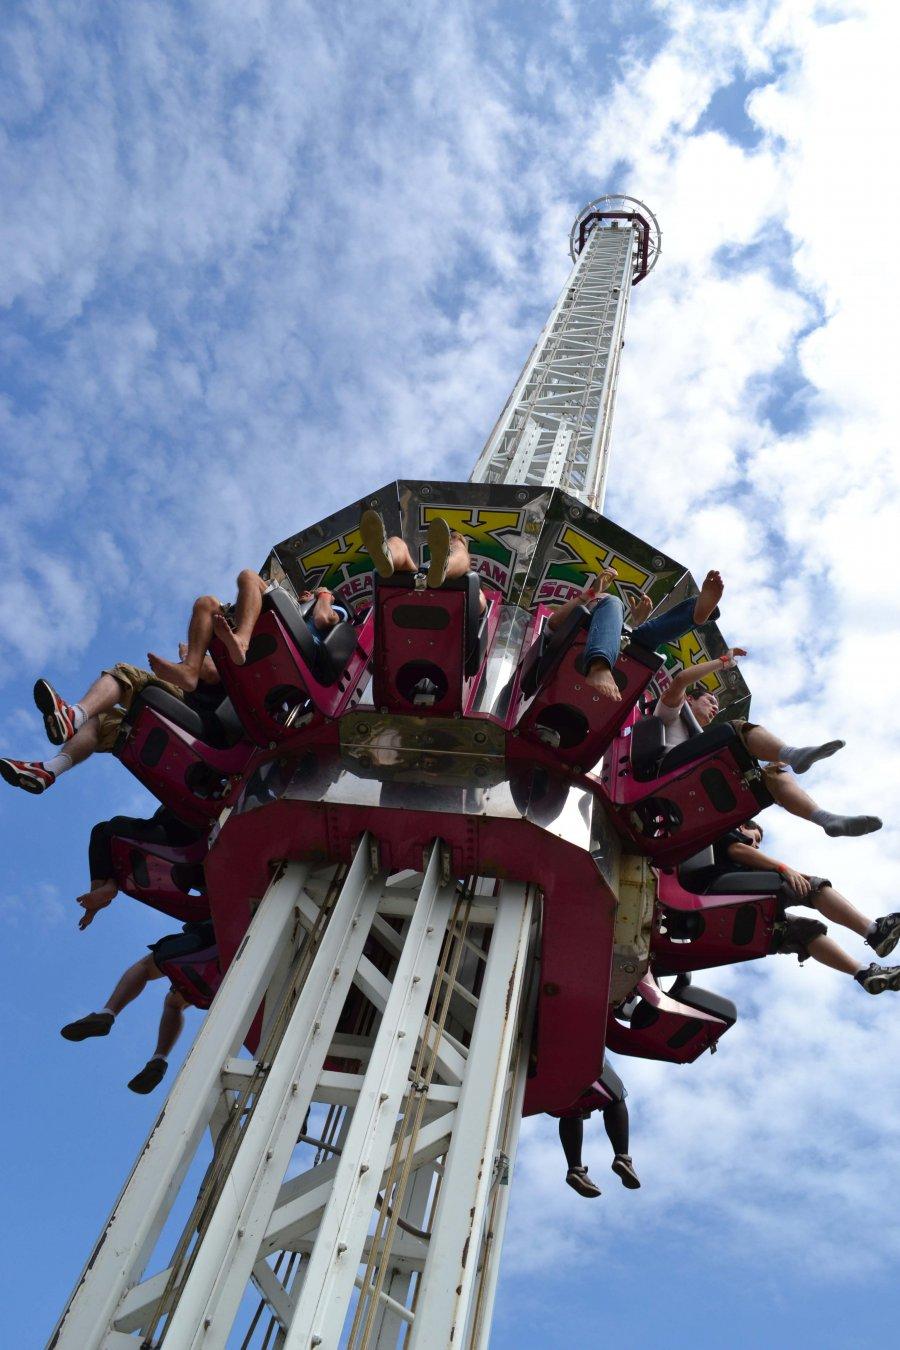 Legoland Amusement Park: Waldameer Amusement Park